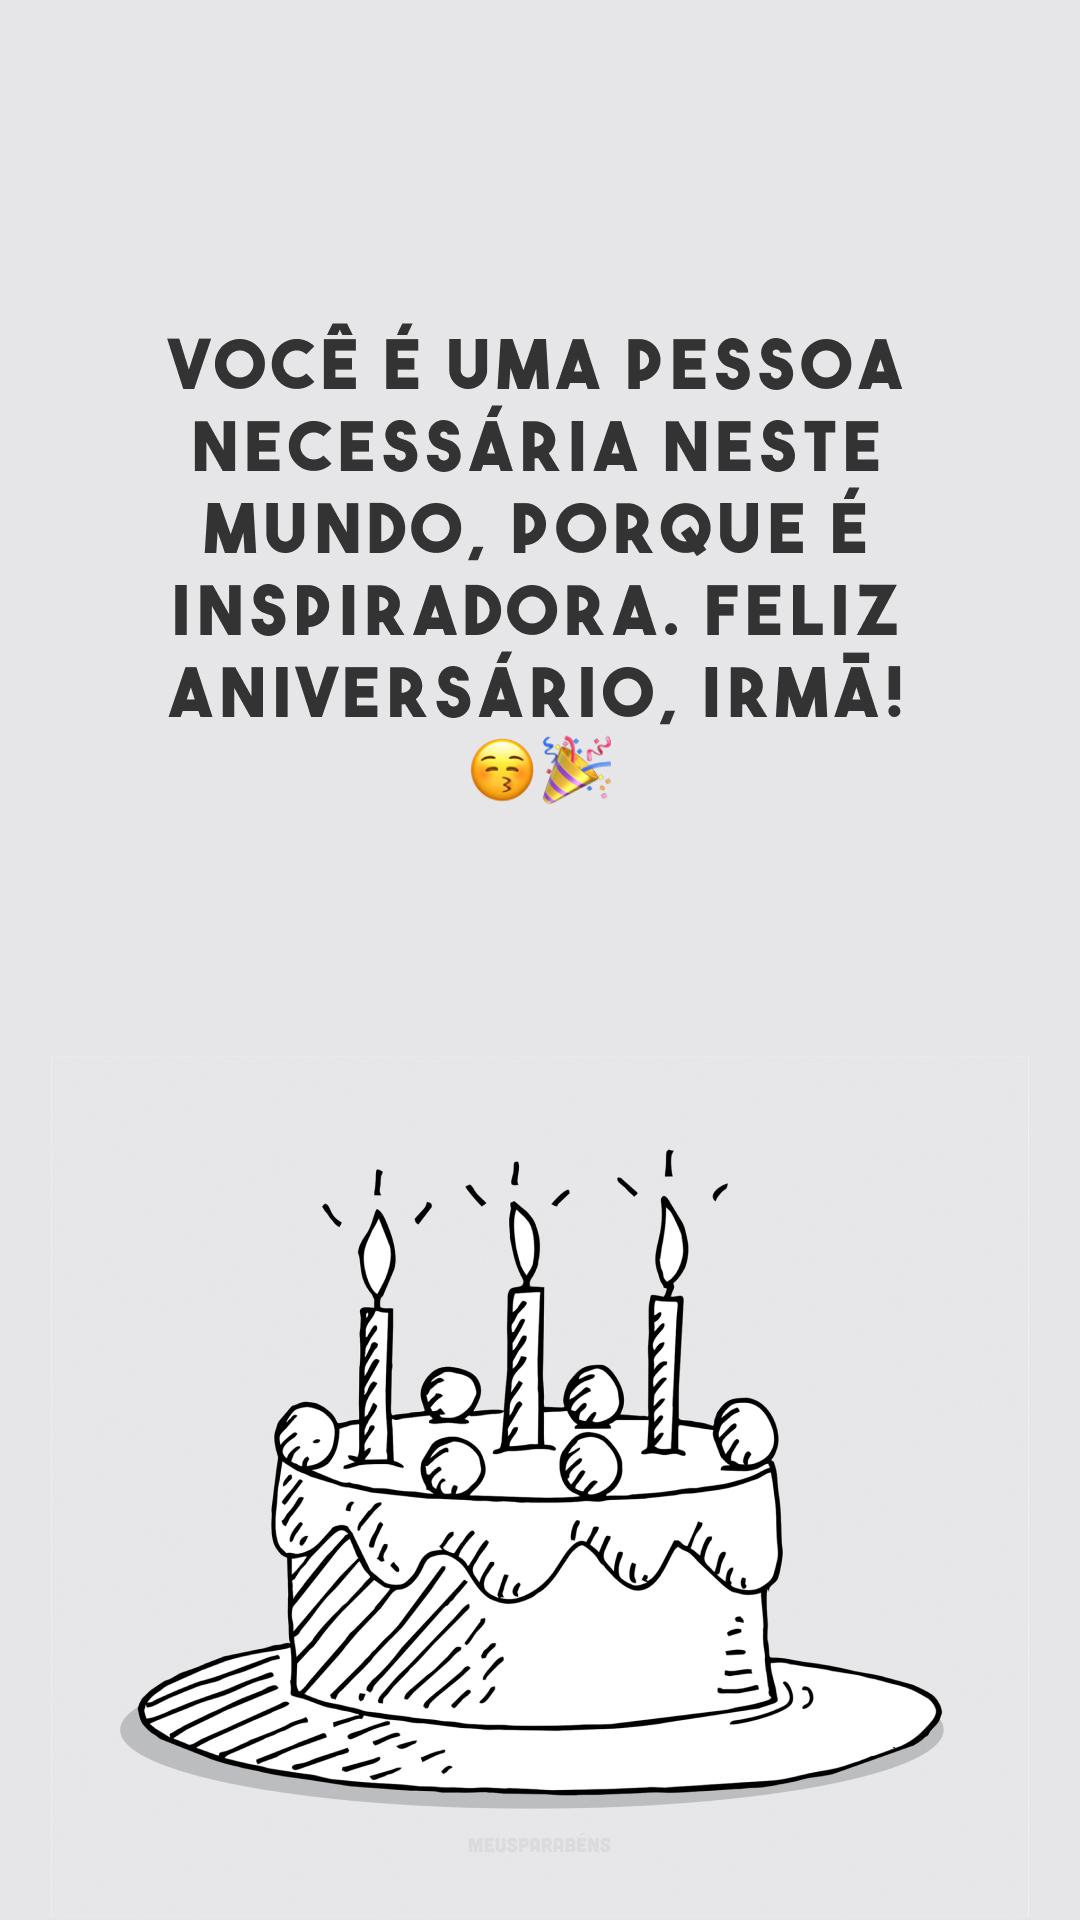 Você é uma pessoa necessária neste mundo, porque é inspiradora. Feliz aniversário, irmã! 😚🎉